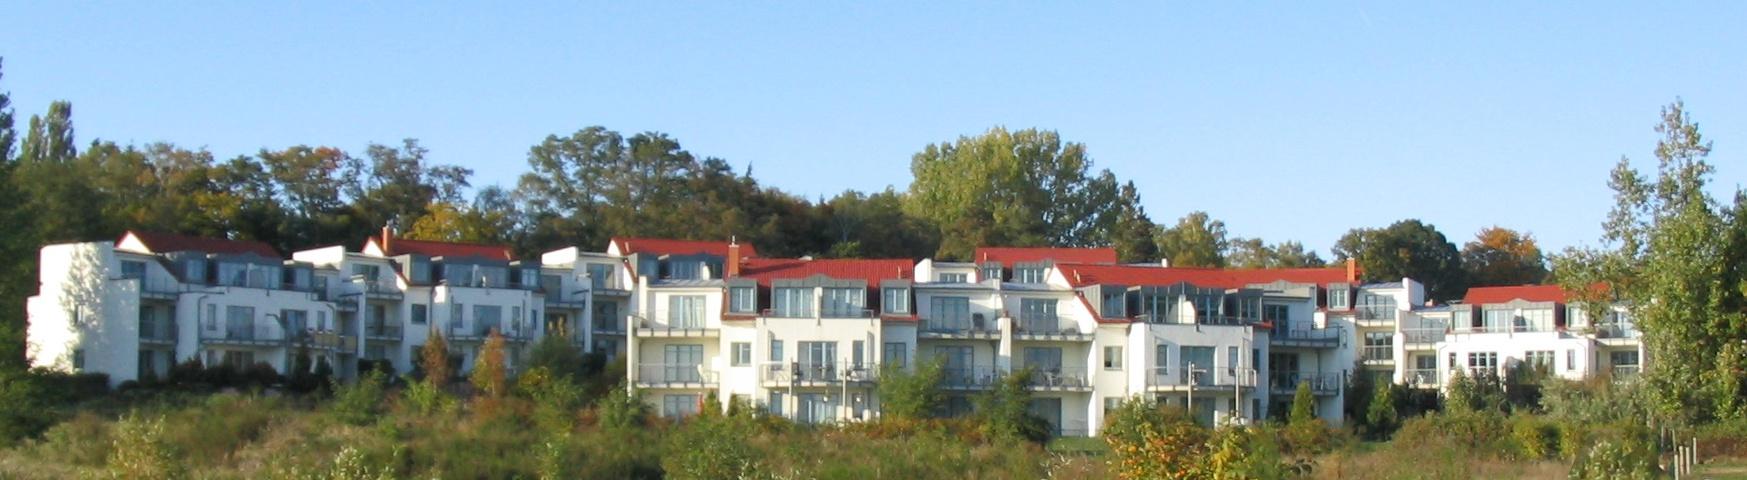 Residenz Bellevue Zinnowitz, Ferienwohnungen Herrmann, Ferienwohnungevermittlung Herrmann, exklusive Ferienwohnungen Zinnowitz